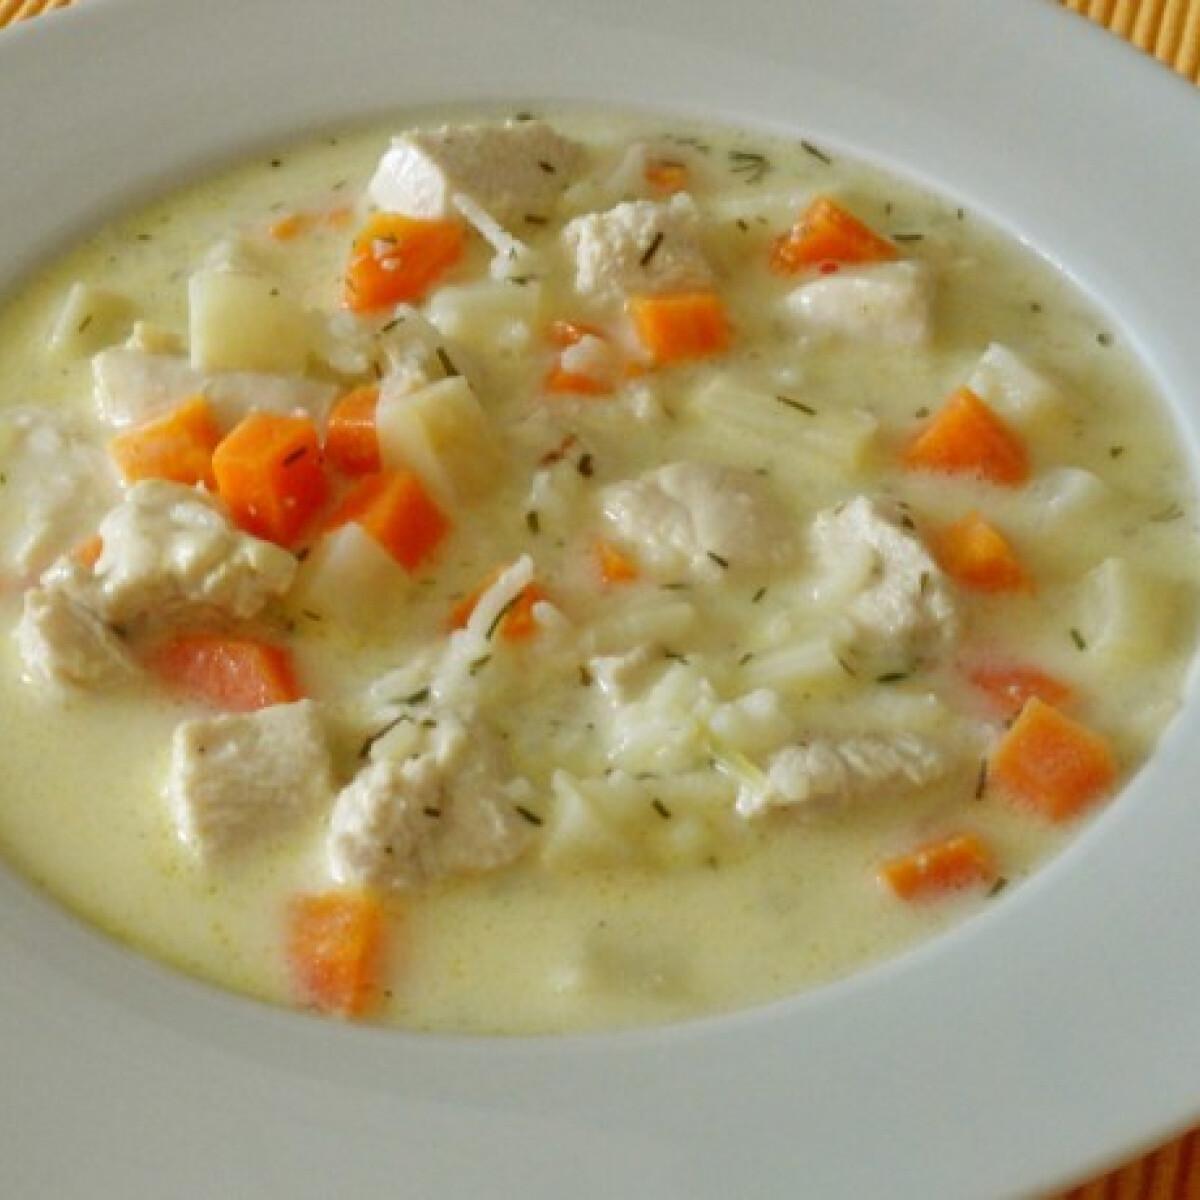 Ezen a képen: Kapros csirkebecsinált leves